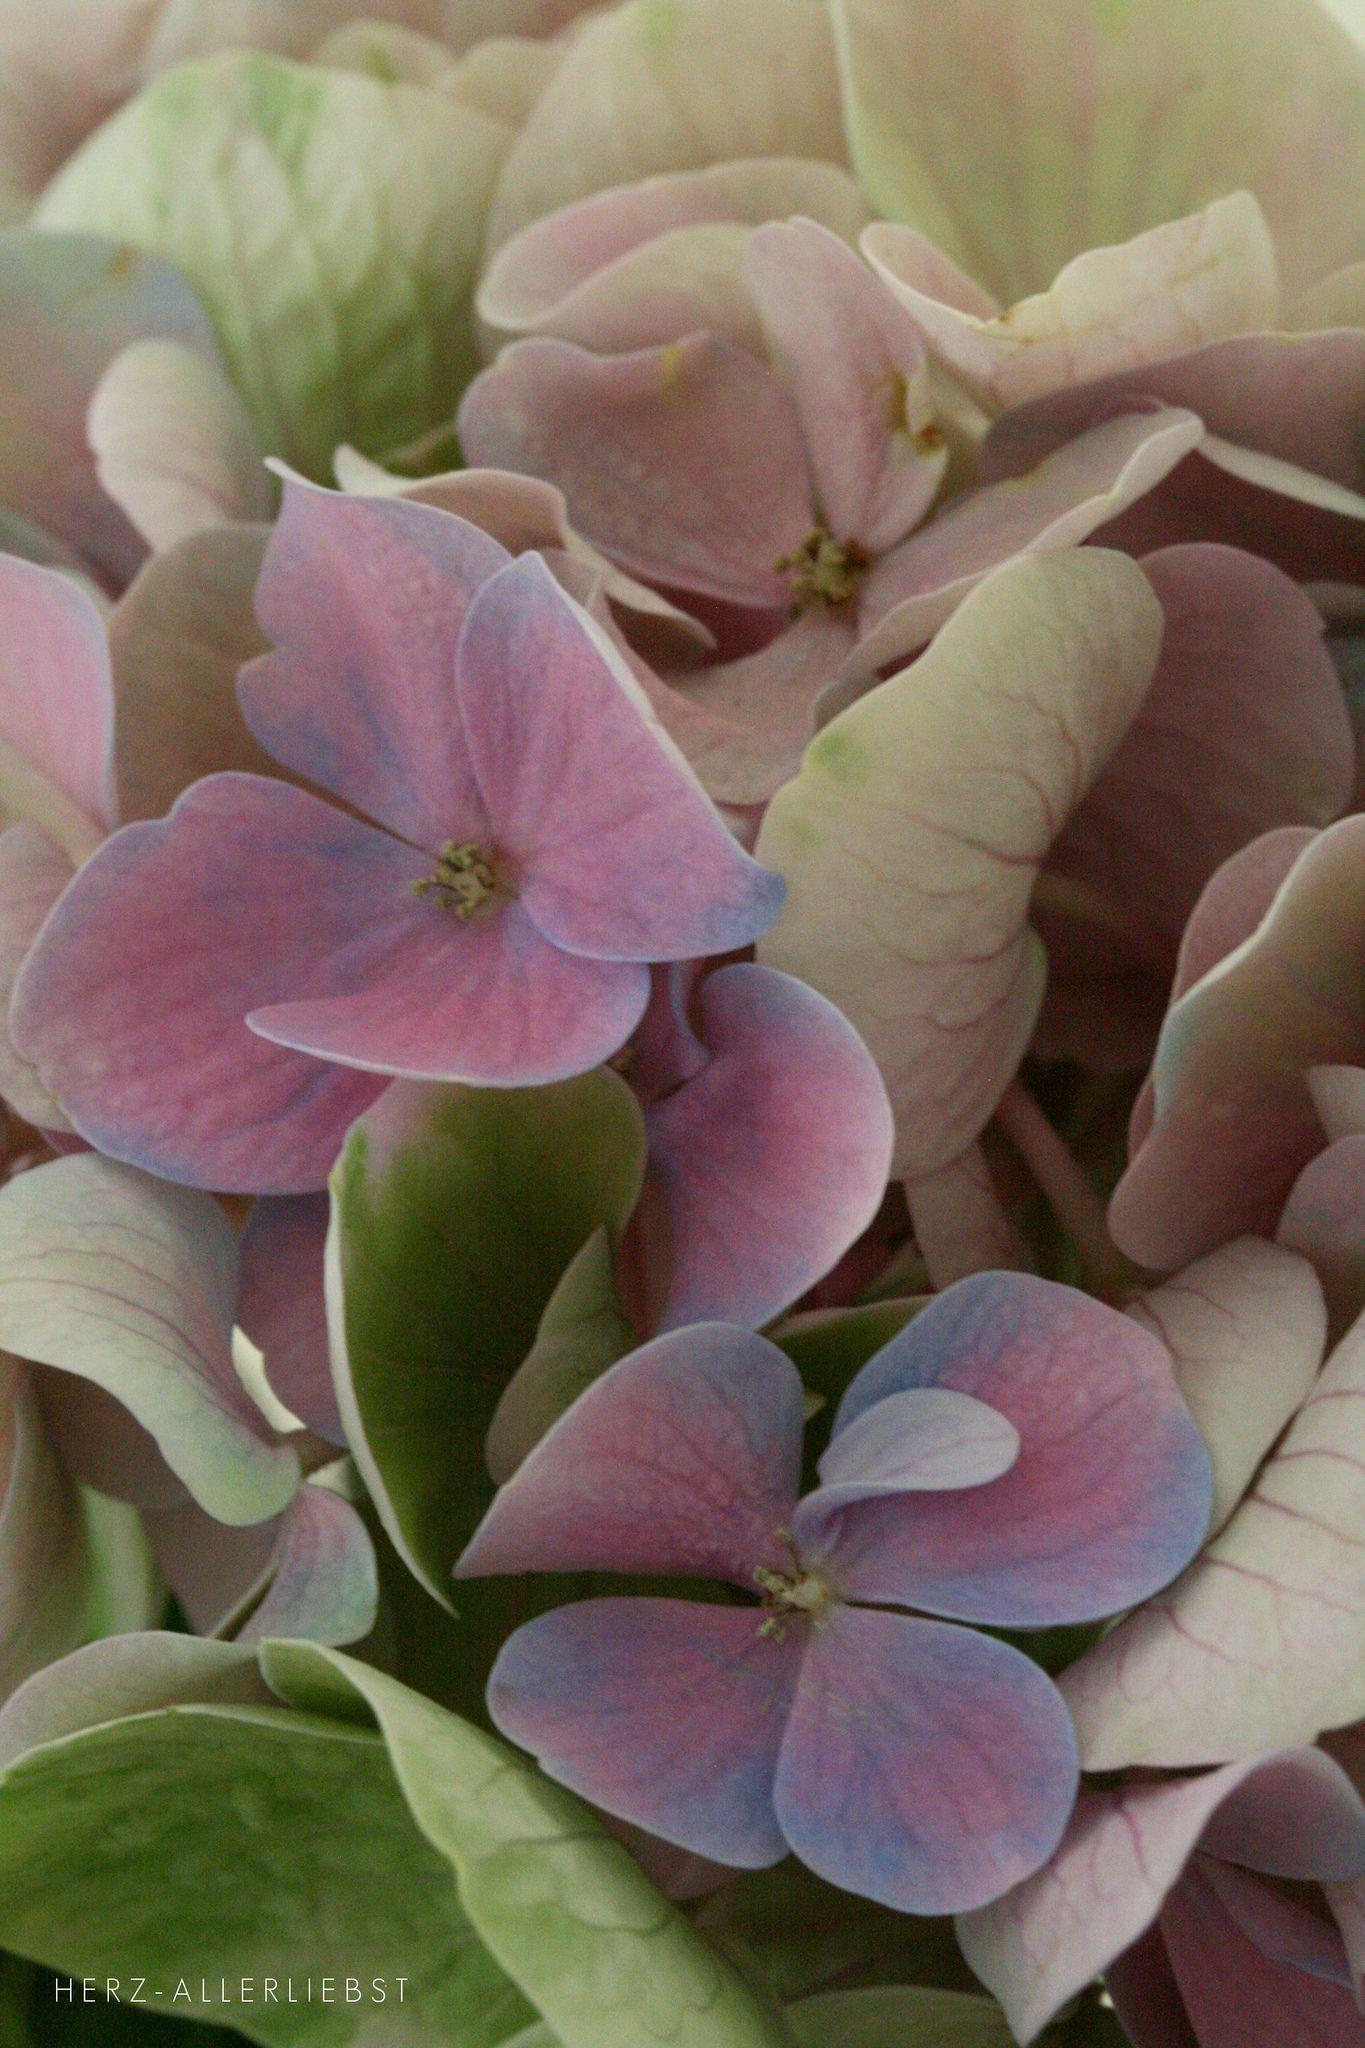 Fiori Di Ortensia Secchi soft colors | hydrangea flower, flowers nature, beautiful